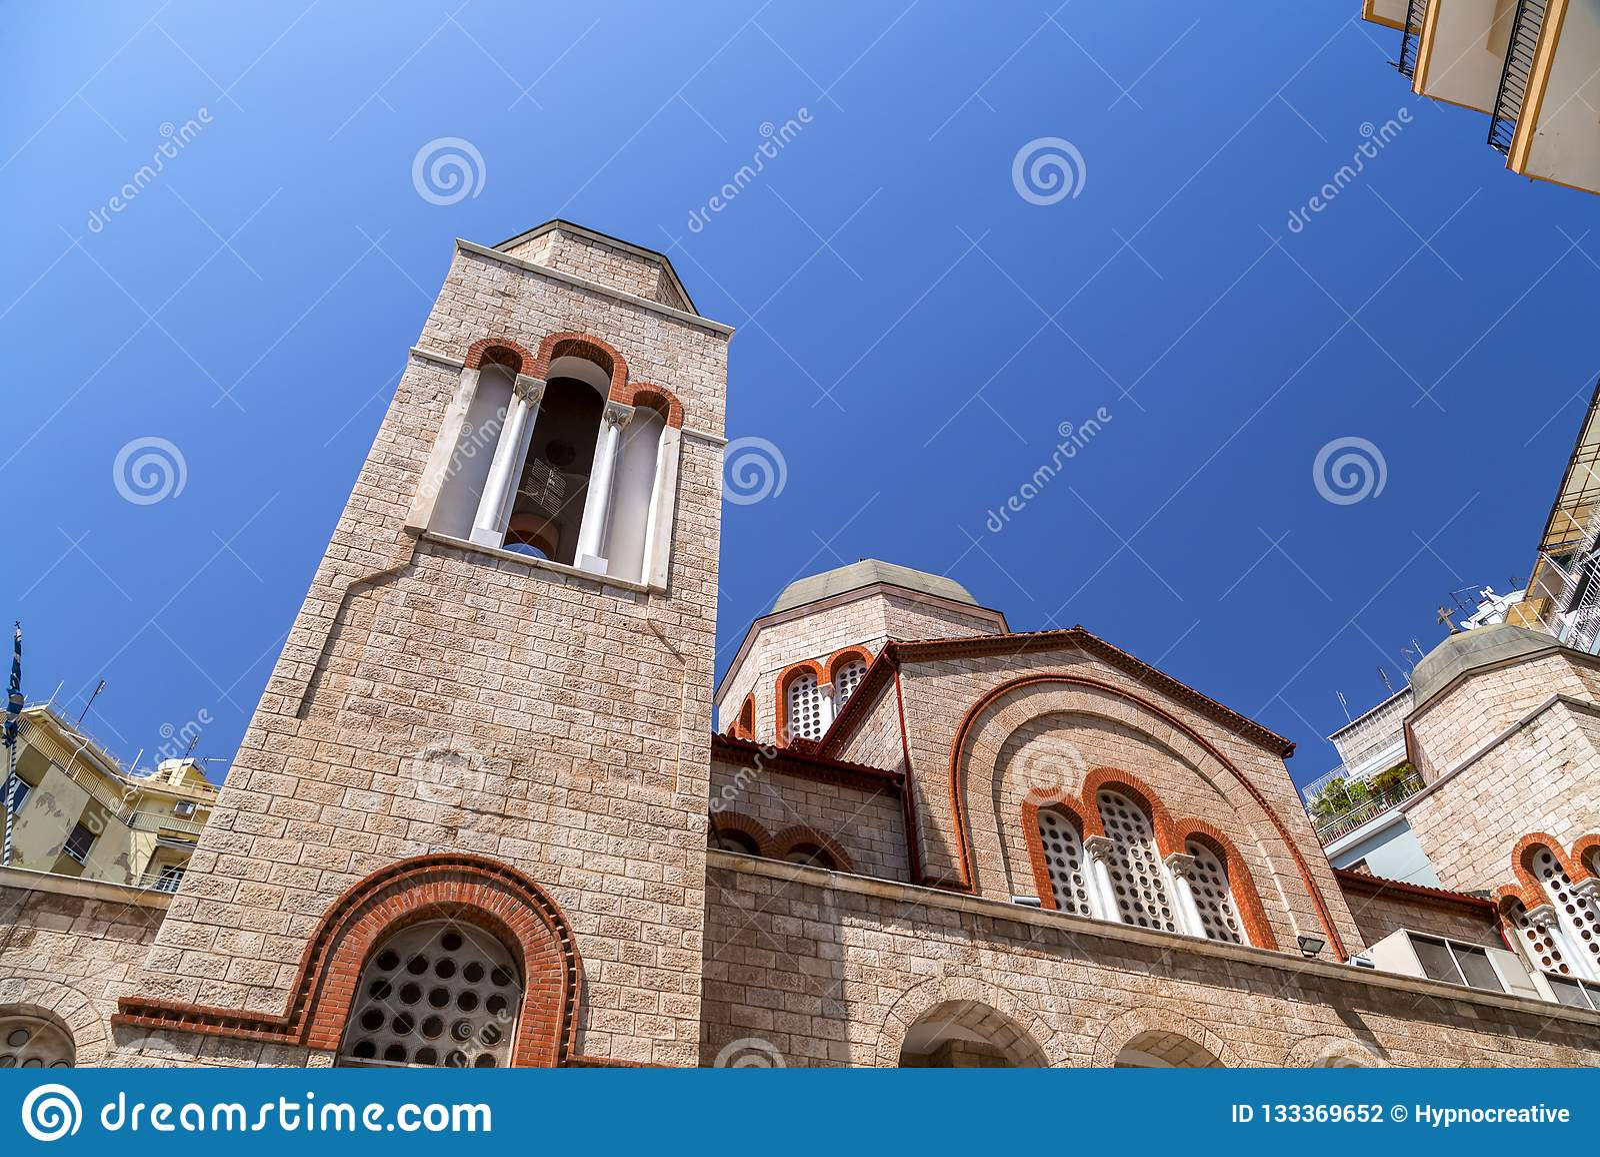 Εξωτερική άποψη των NAO (Εθνικός Οργανισμός Διαιτησίας) Panagia Dexia εκκλησιών